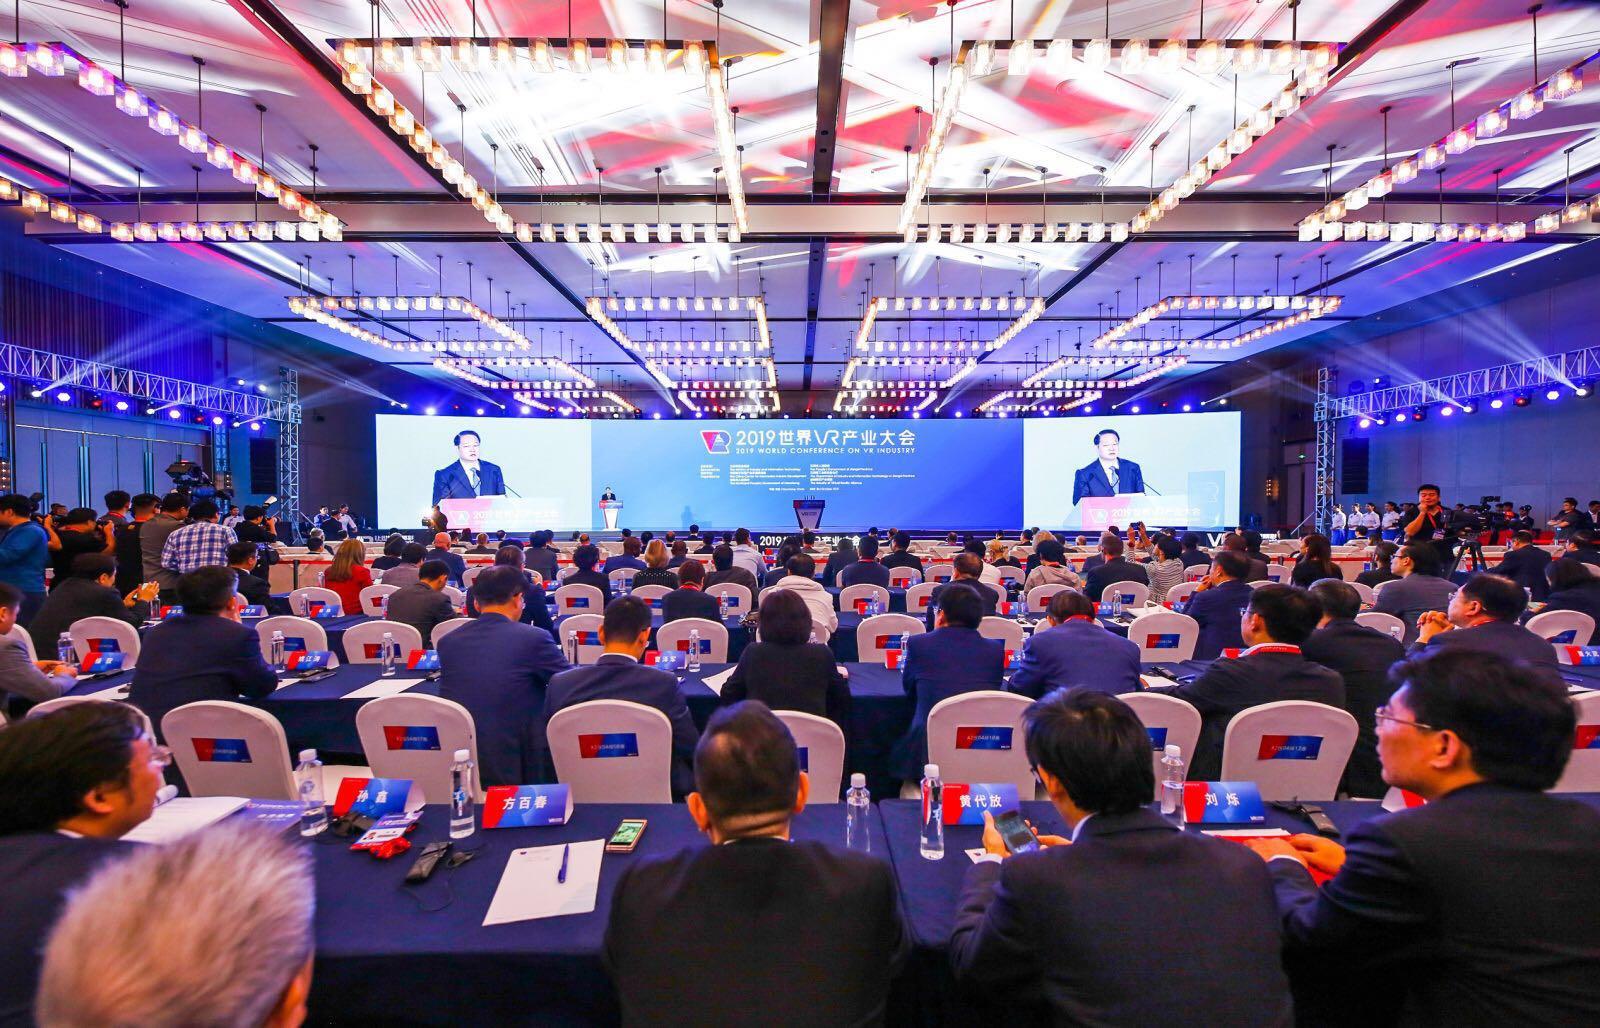 2019世界VR产业大会在赣举行 签约项目达104个